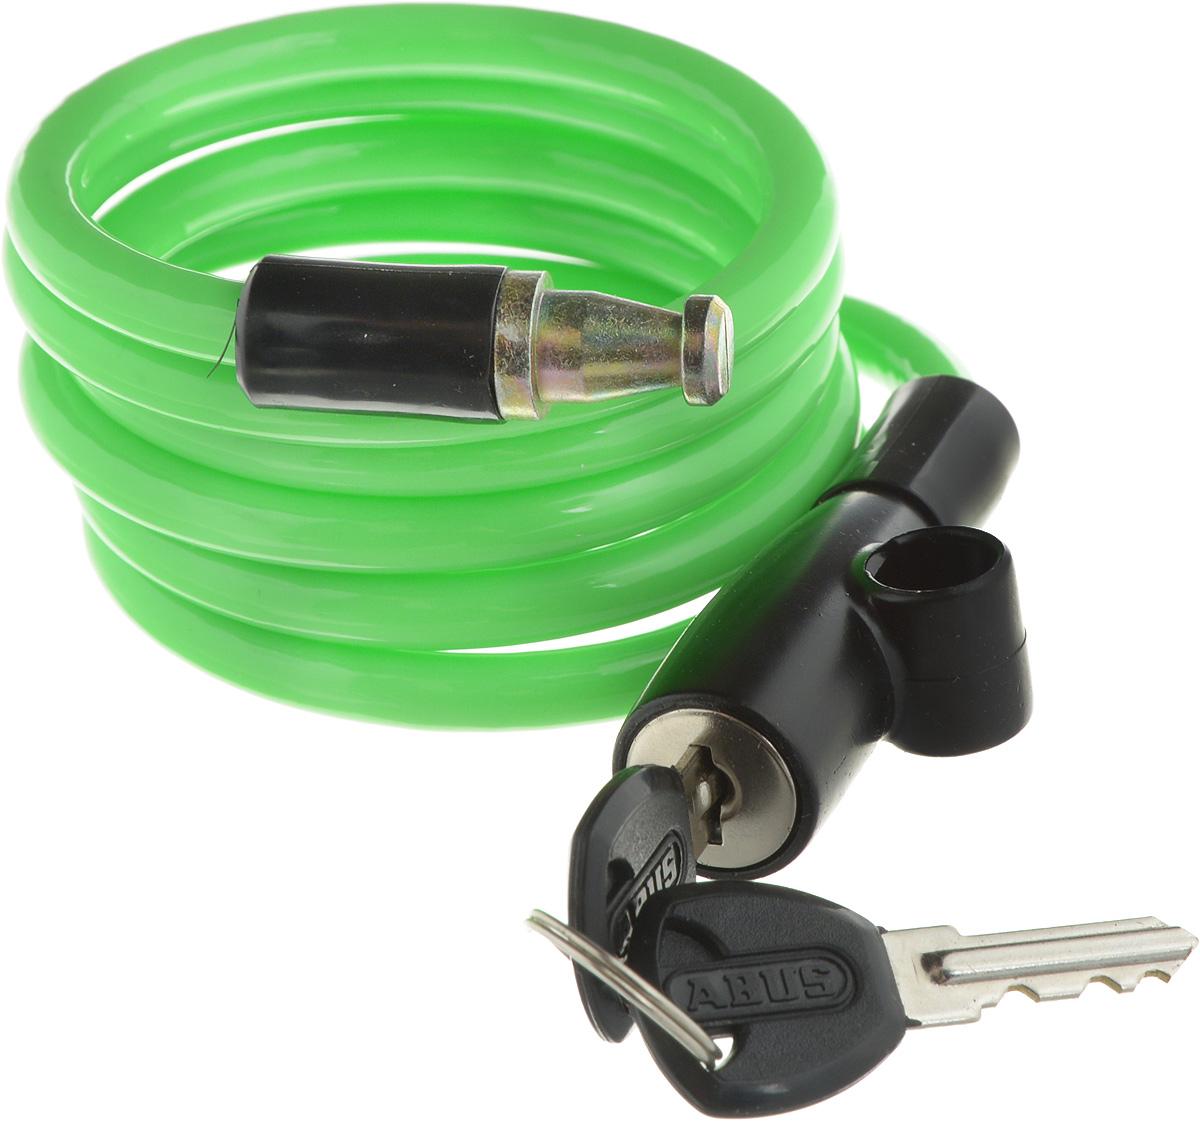 Велозамок Abus 1950/120 Kids, с ключами, цвет: салатовый, диаметр 7 мм, длина 1,31 м431609_ABUS_салатовыйВелосипедный замок Abus 1950/120 Kids - это отличная вещь для сохранности вашего велосипеда. Замок, выполненный из прочного пластика, оснащен металлическим тросом обтянутым мягким ПВХ. Блокируется при помощи ключа. Количество ключей: 2 шт. Диаметр троса: 7 мм. Длина: 1,31 м.